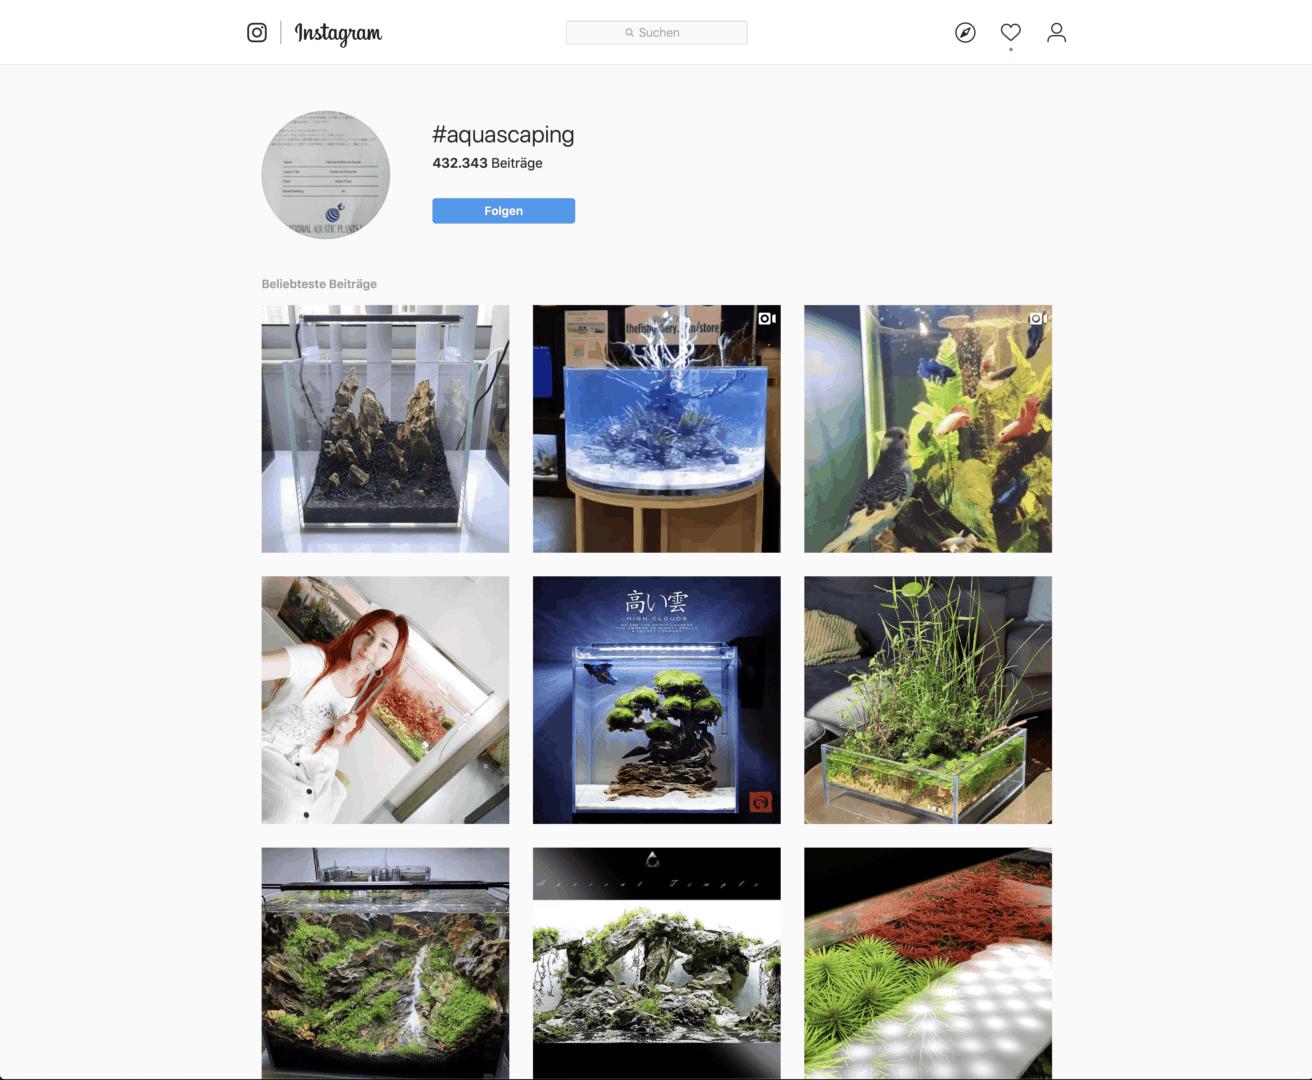 209 - @scapeling - Das Leben eines Aquarianers auf Instagram (Fabian Beck) 6